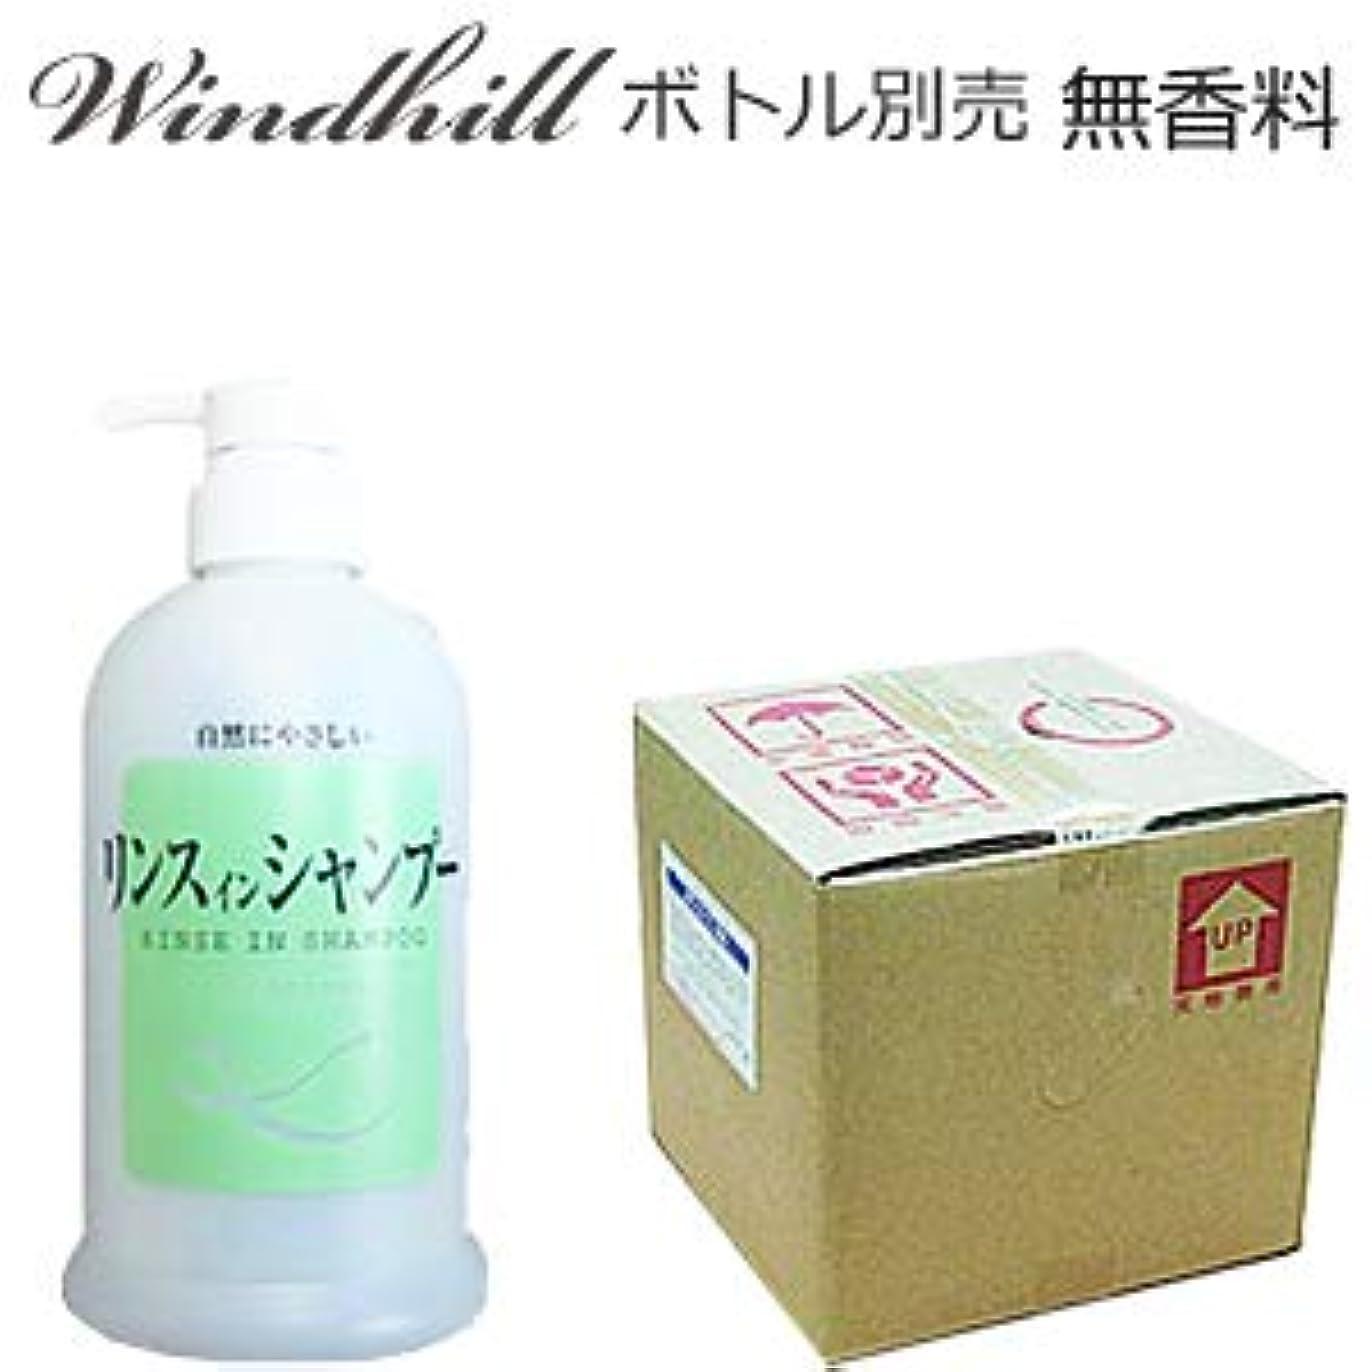 図粘着性闘争Windhill 植物性 業務用ボディソープ 無香料 20L(1セット20L入)